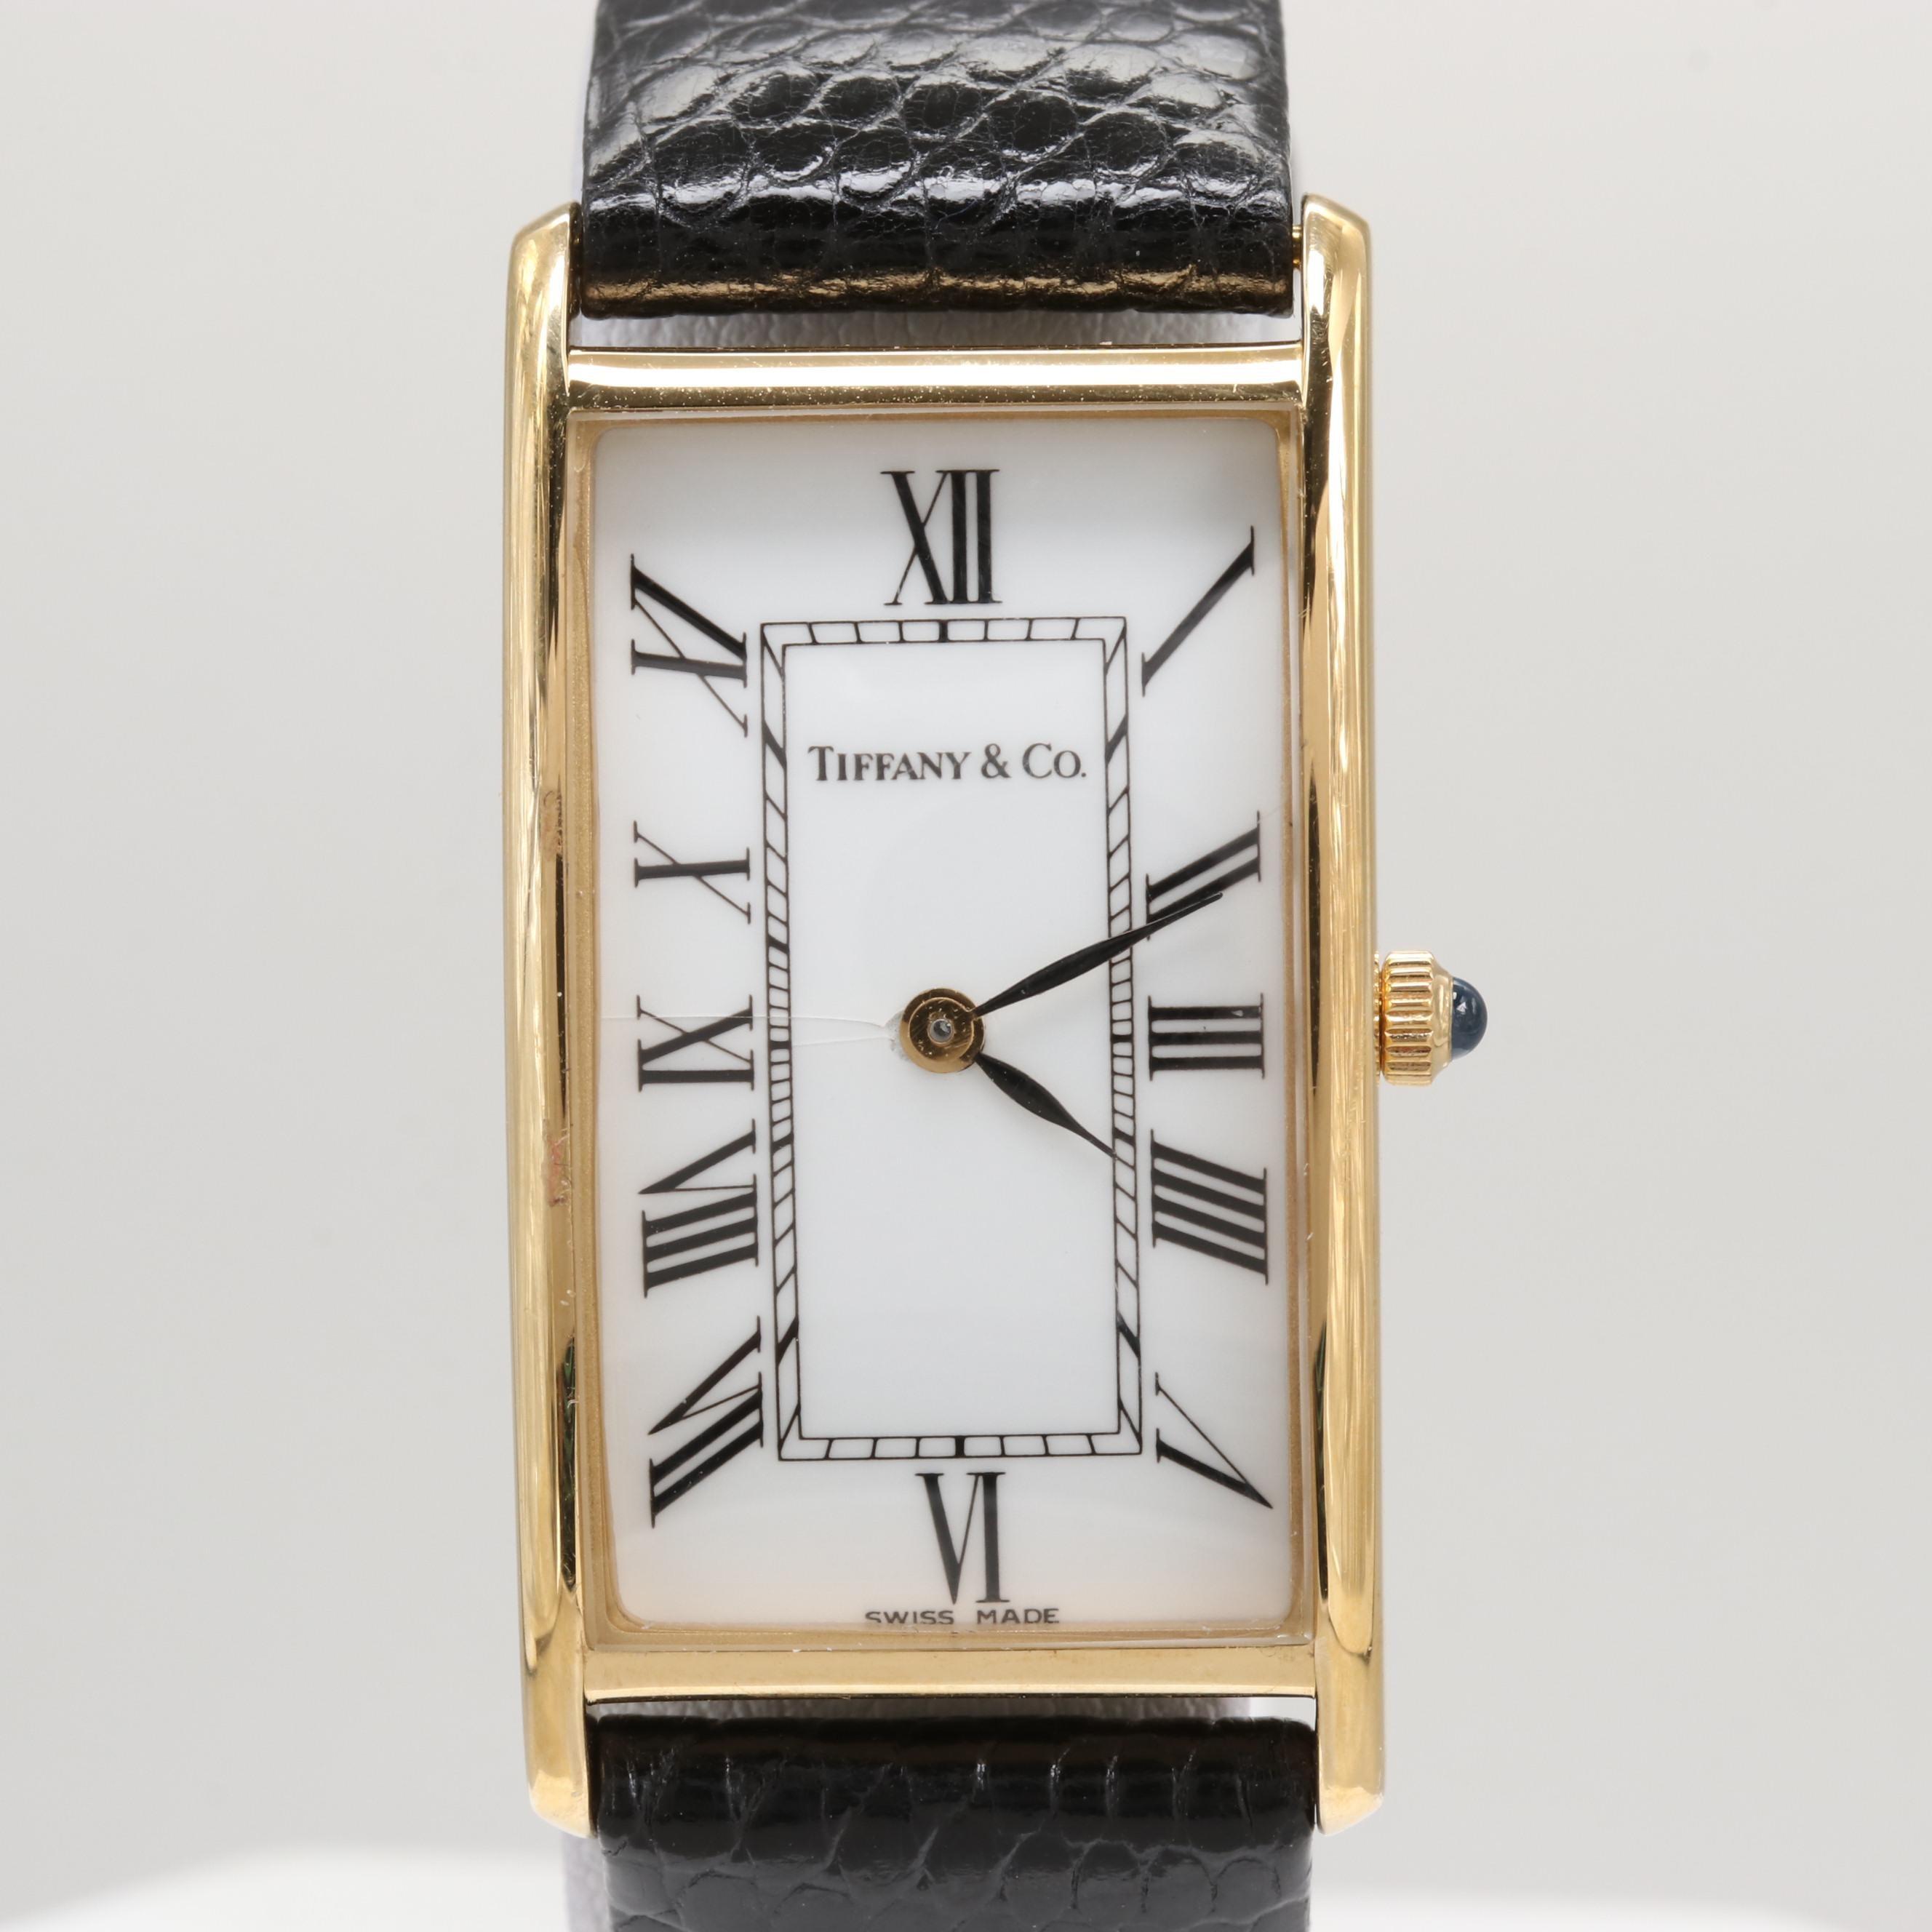 Tiffany & Co. 14K Yellow Gold Quartz Wristwatch